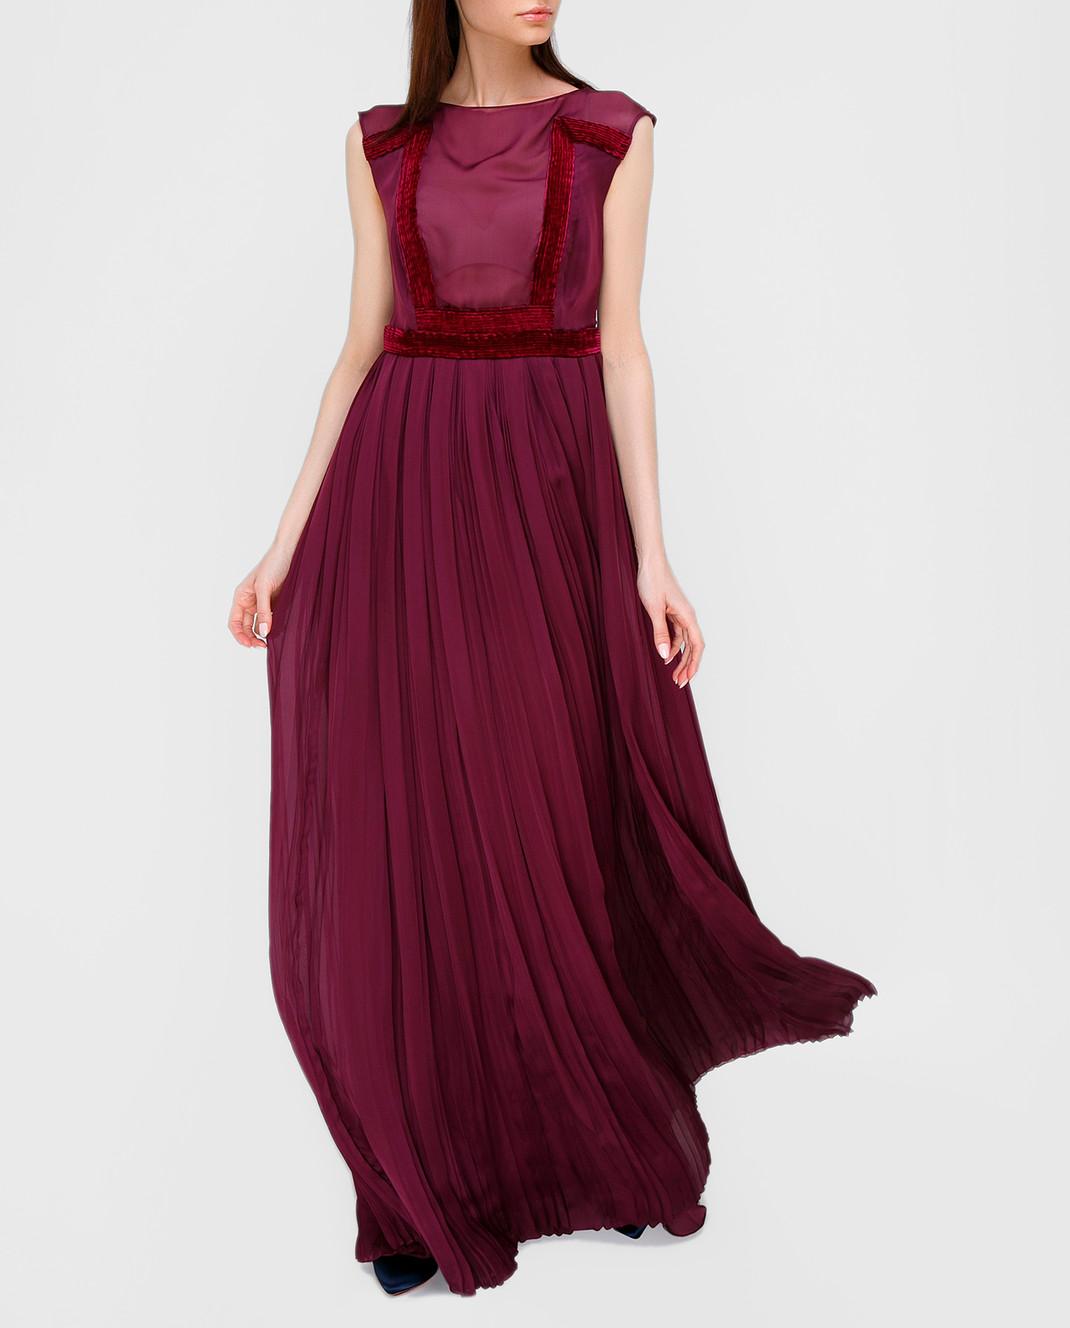 LARUSMIANI Бордовое платье из шелка 077581 изображение 2